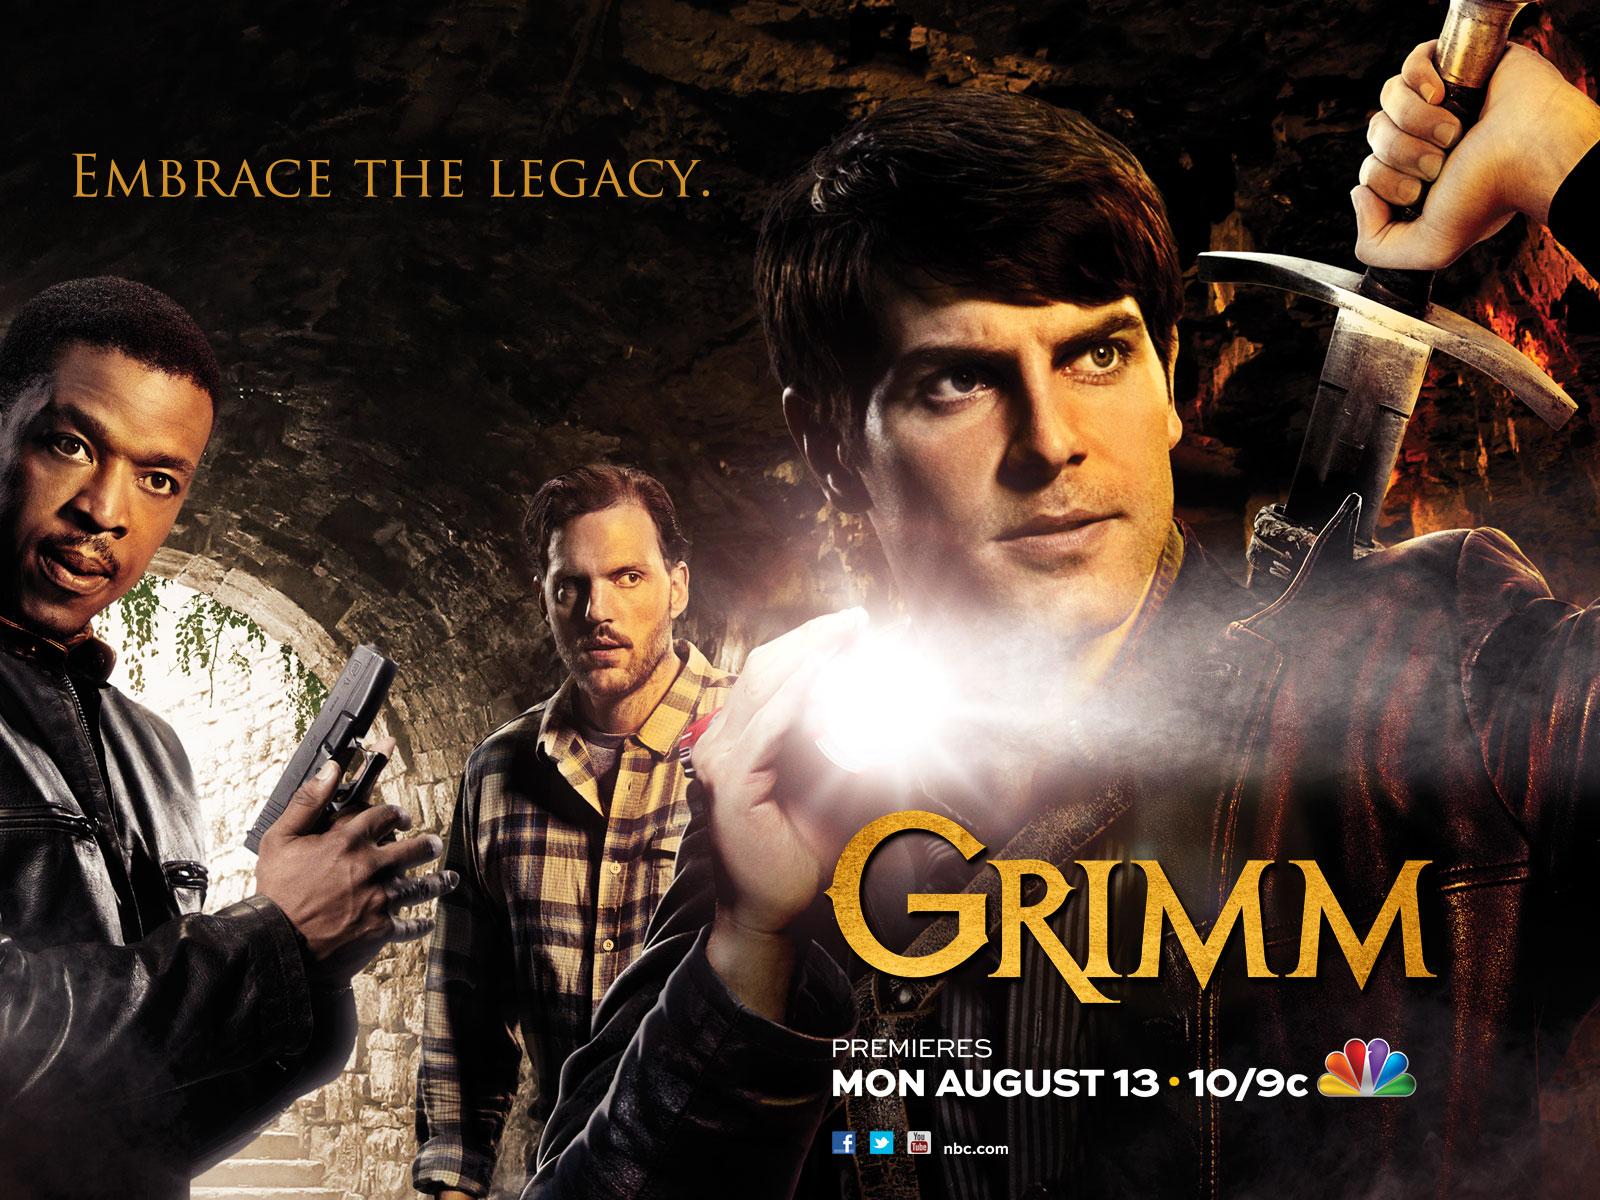 https://i2.wp.com/images6.fanpop.com/image/photos/32700000/Grimm-grimm-32706979-1600-1200.jpg